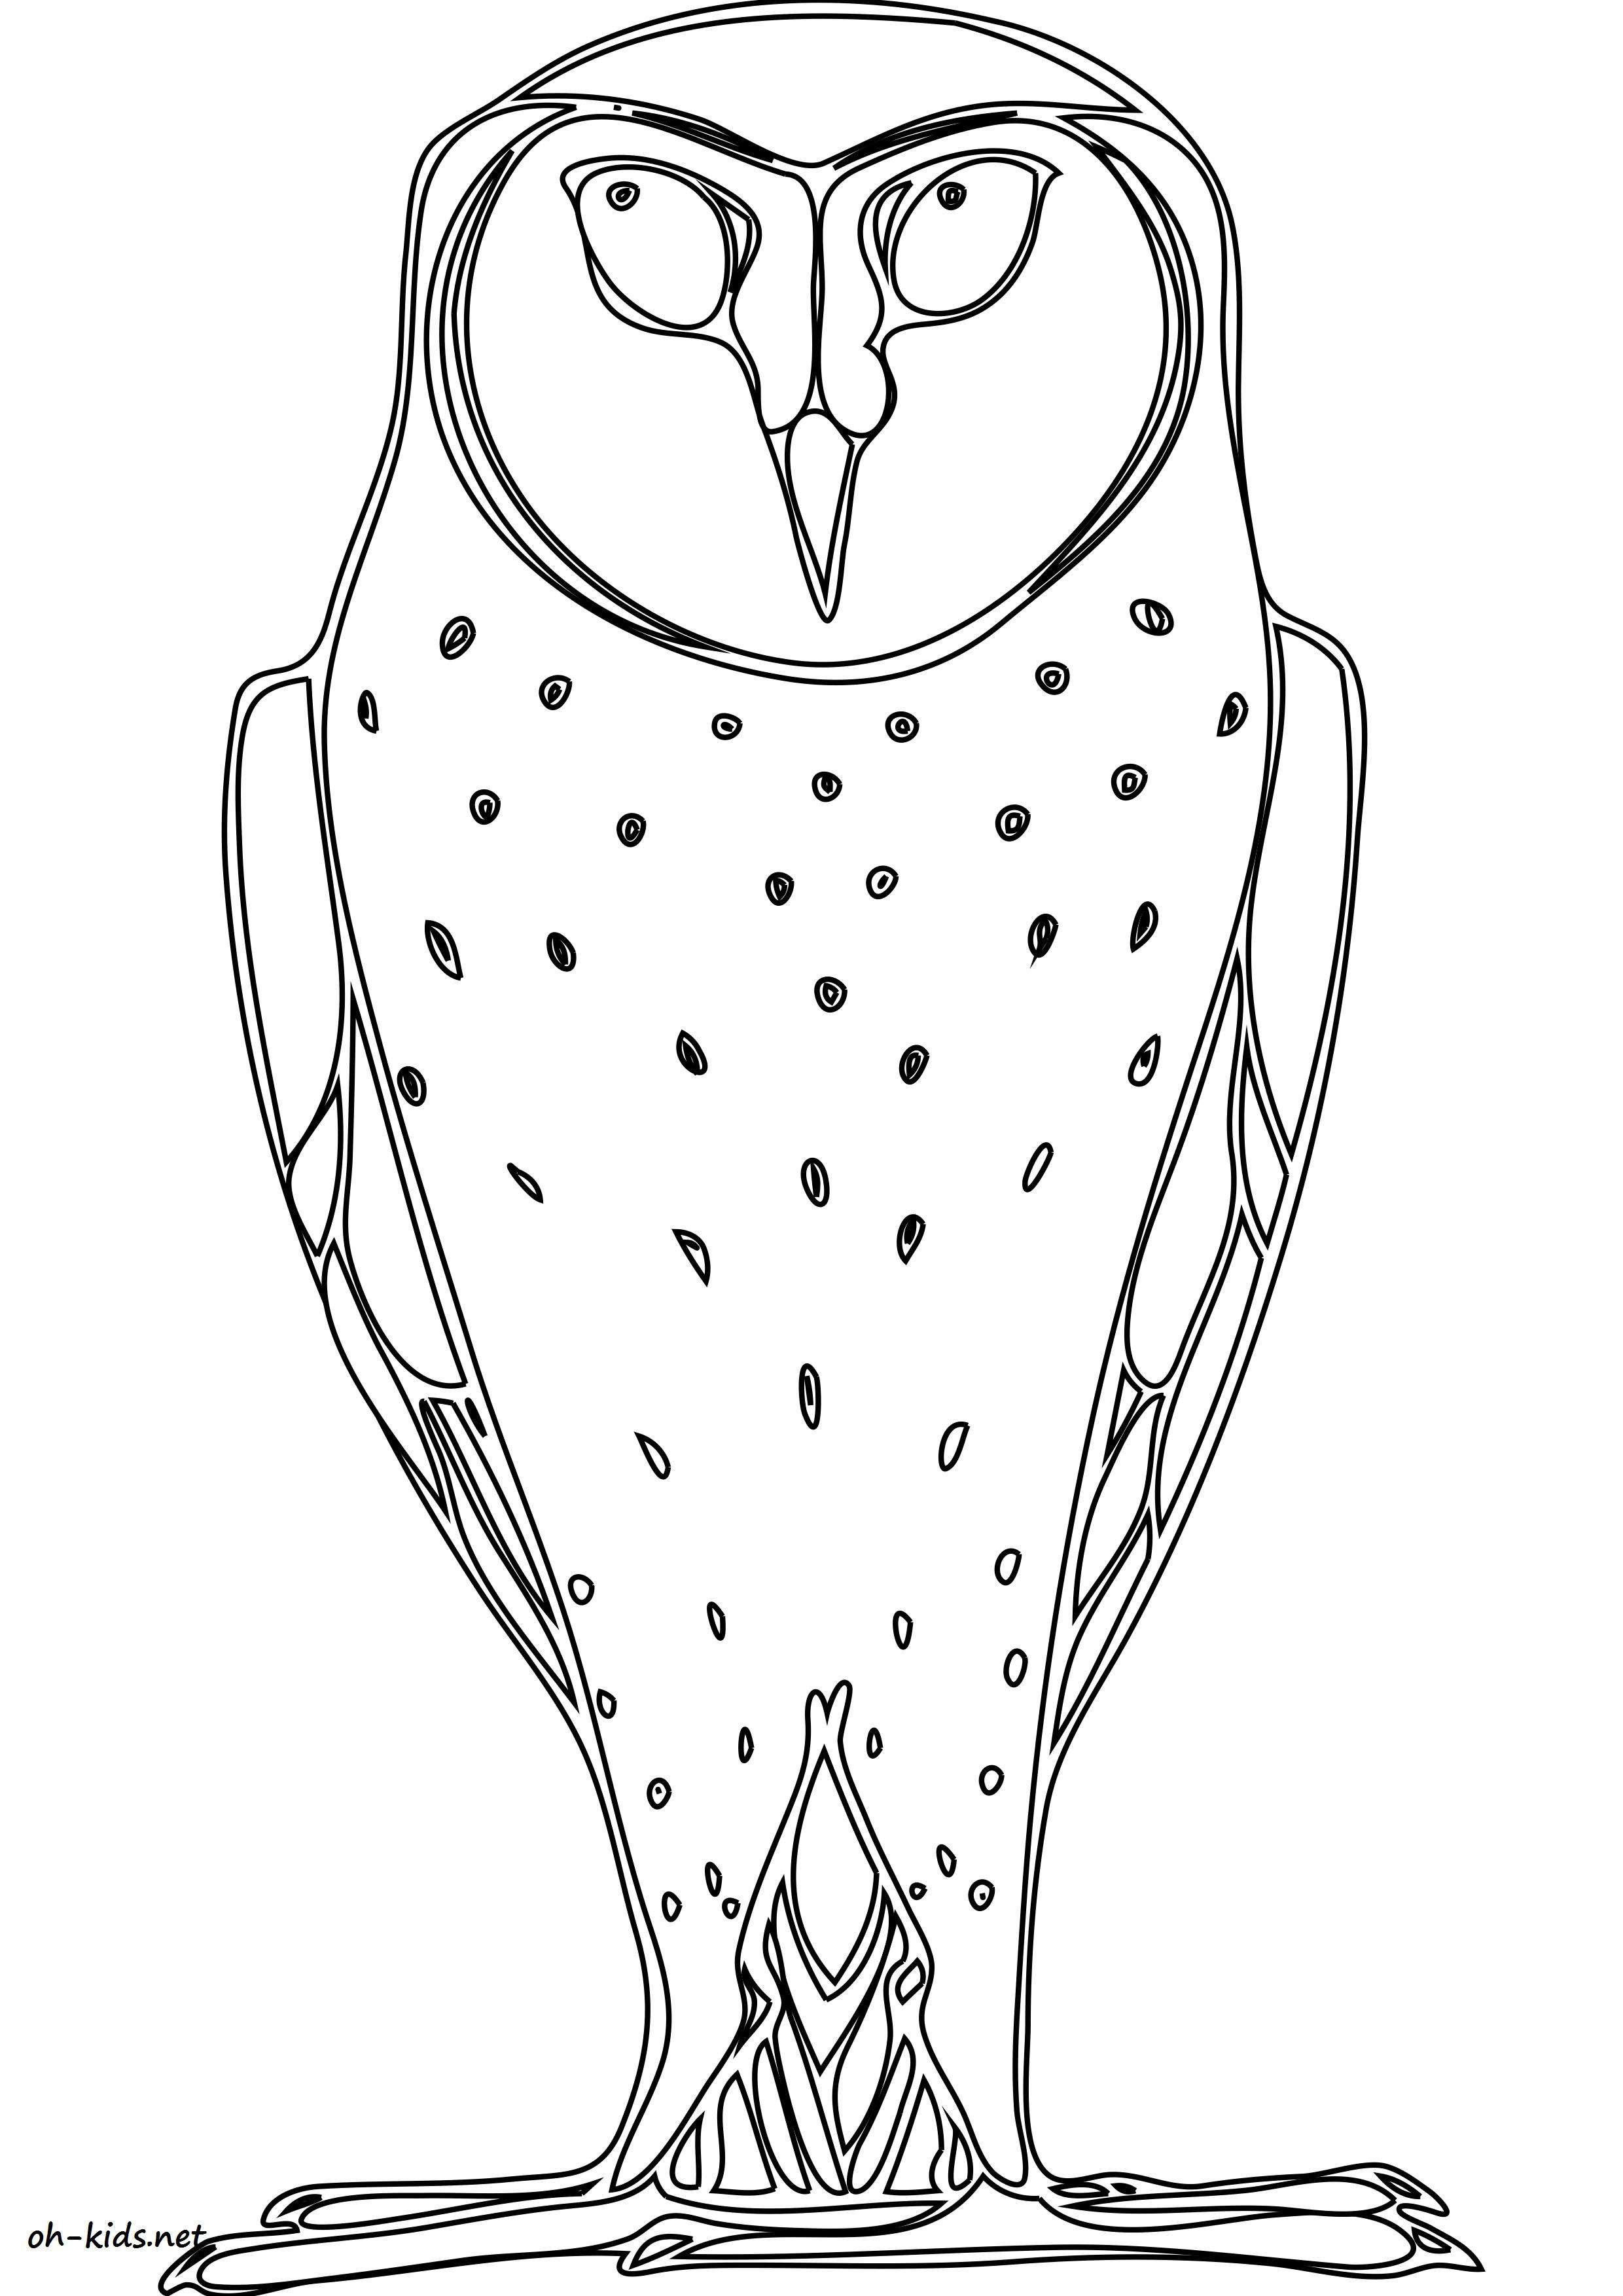 dessin de hibou a colorier et imprimer - Dessin #1612